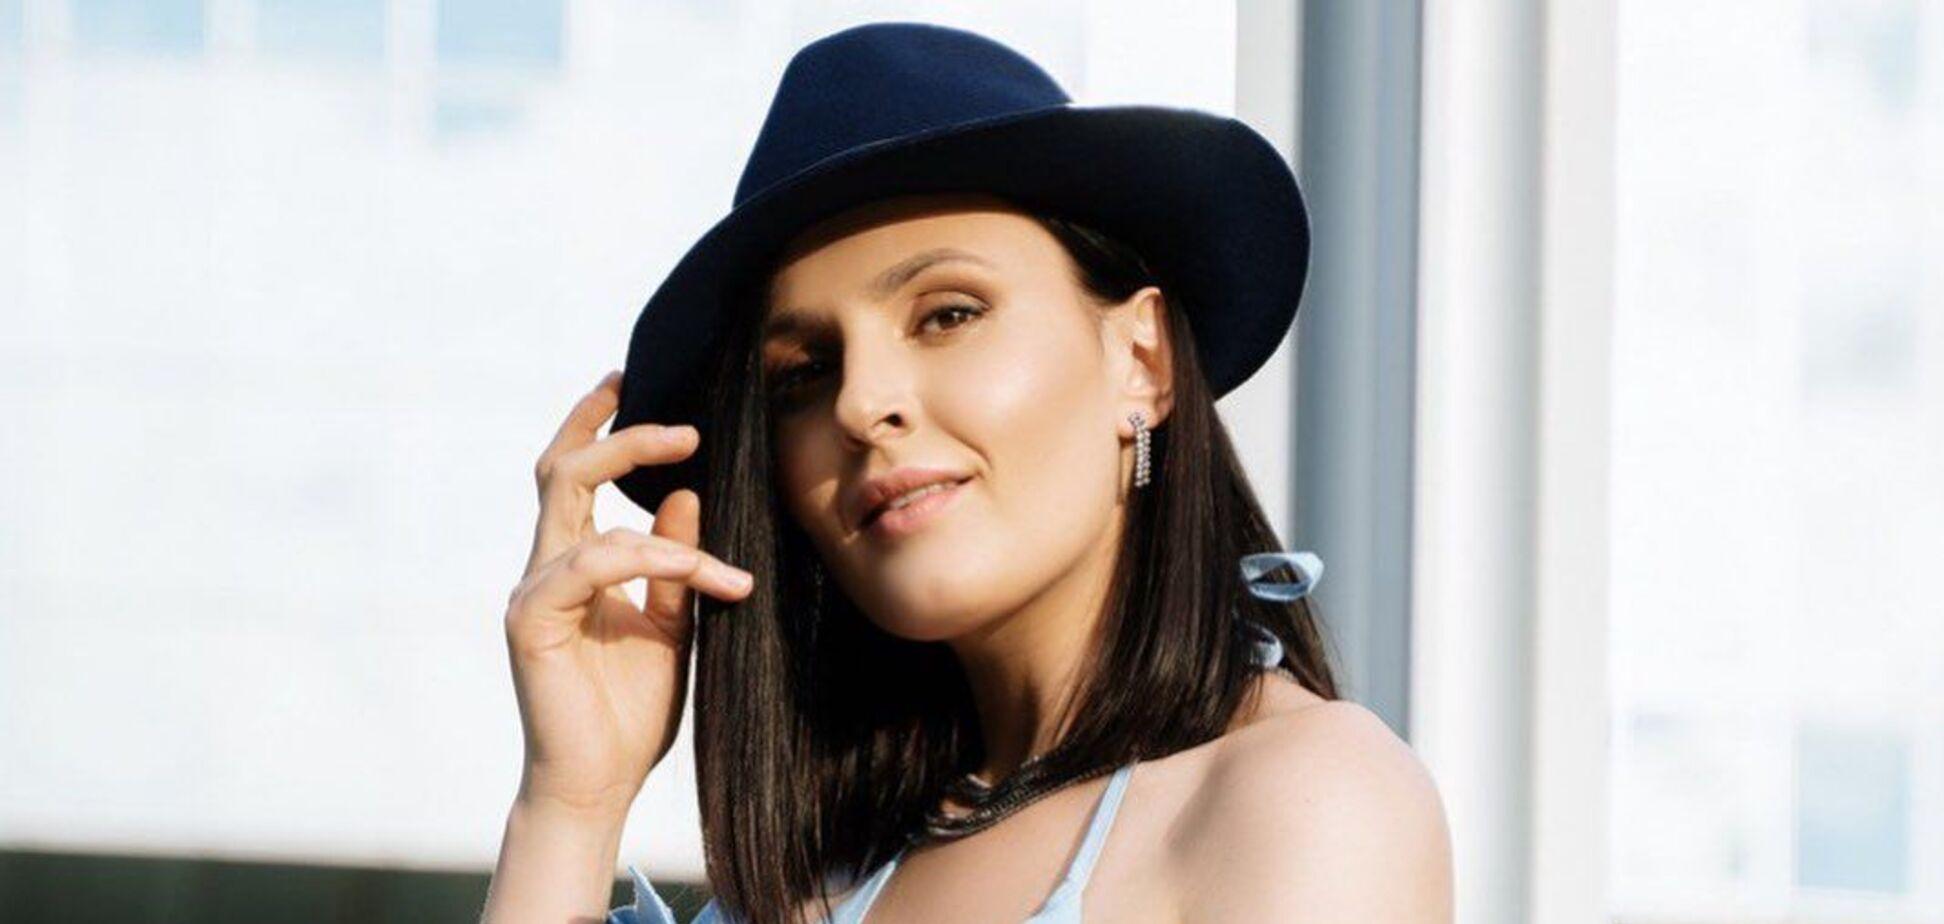 Мила Нитич откровенно рассказала о личной жизни: певица хочет детей